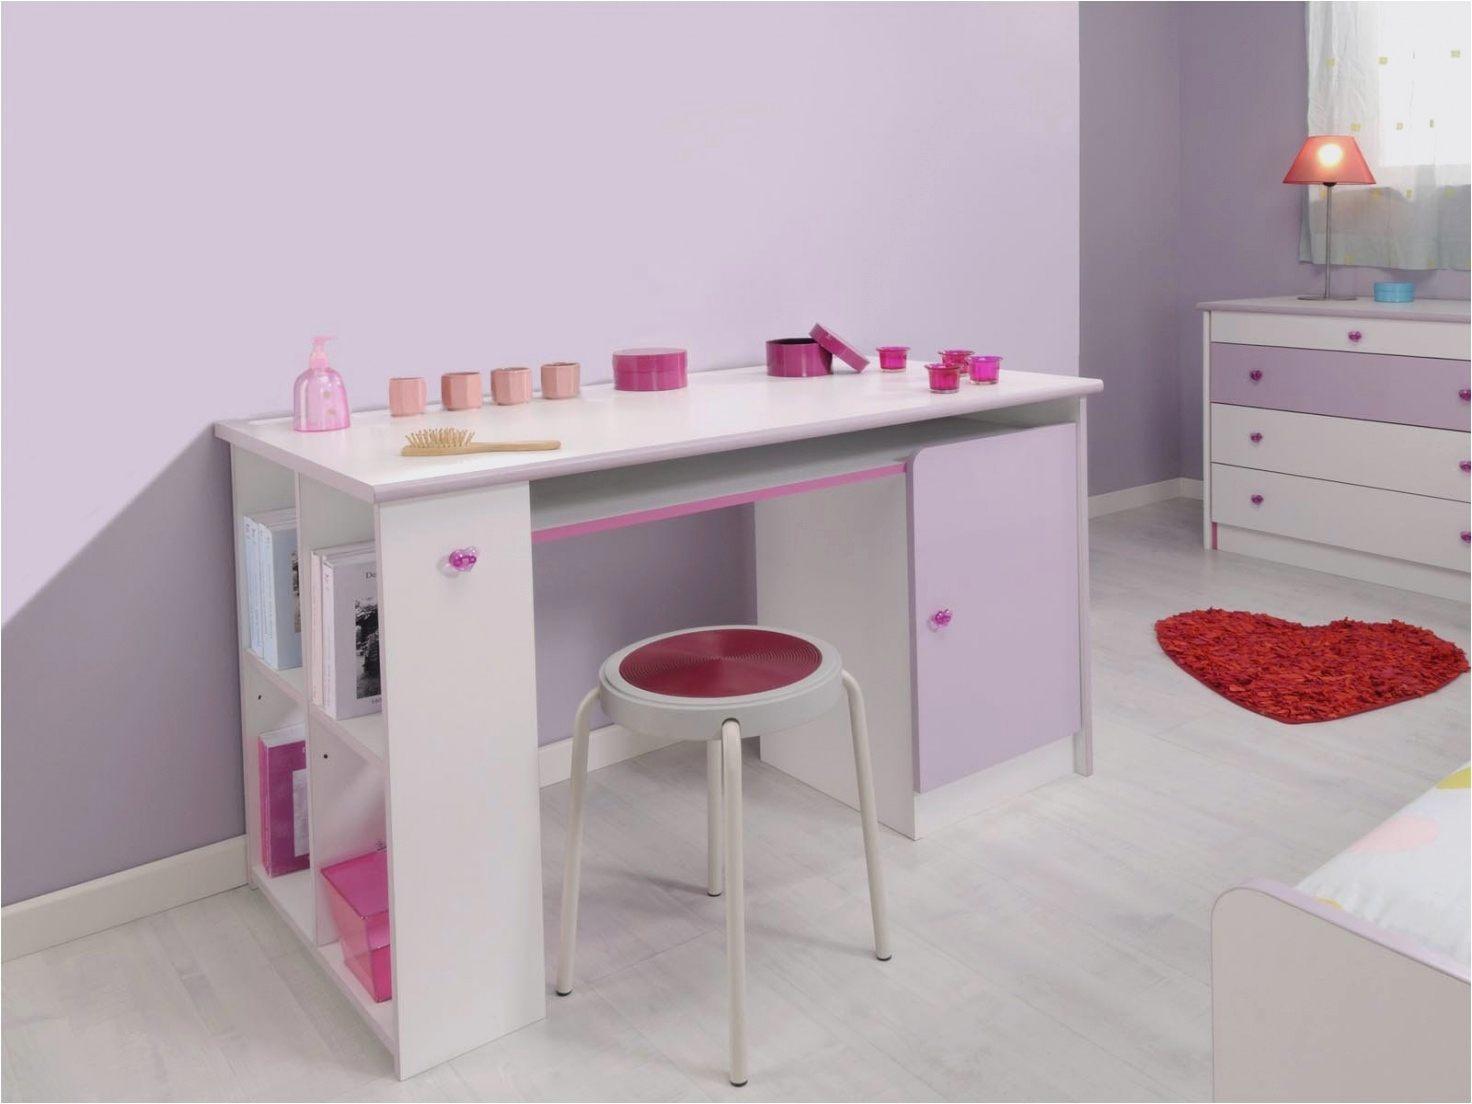 Lit Enfant Une Place Bel Lit Mezzanine 1 Place Avec Bureau Graphie Lit Mezzanine 140—190